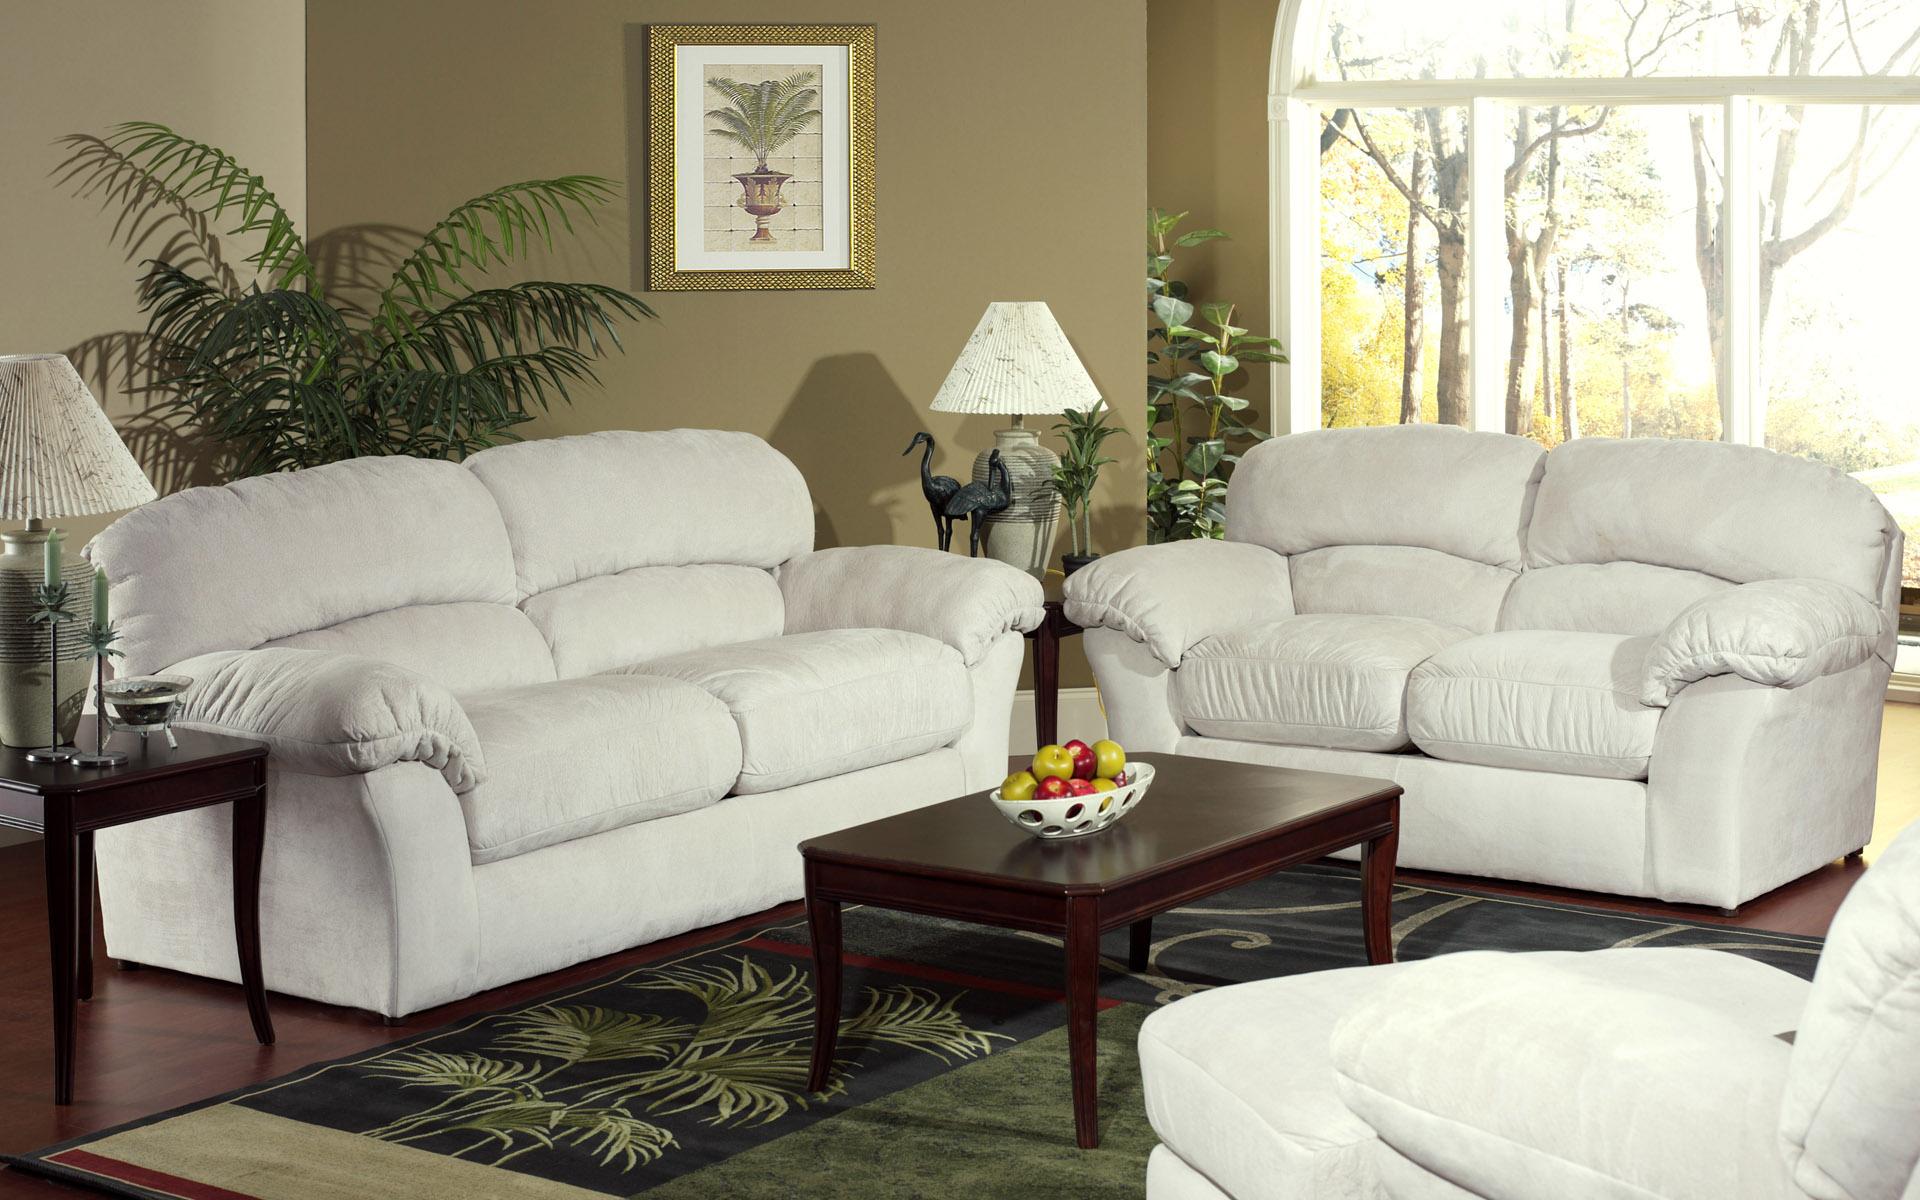 white sofaset | Interior design ideas